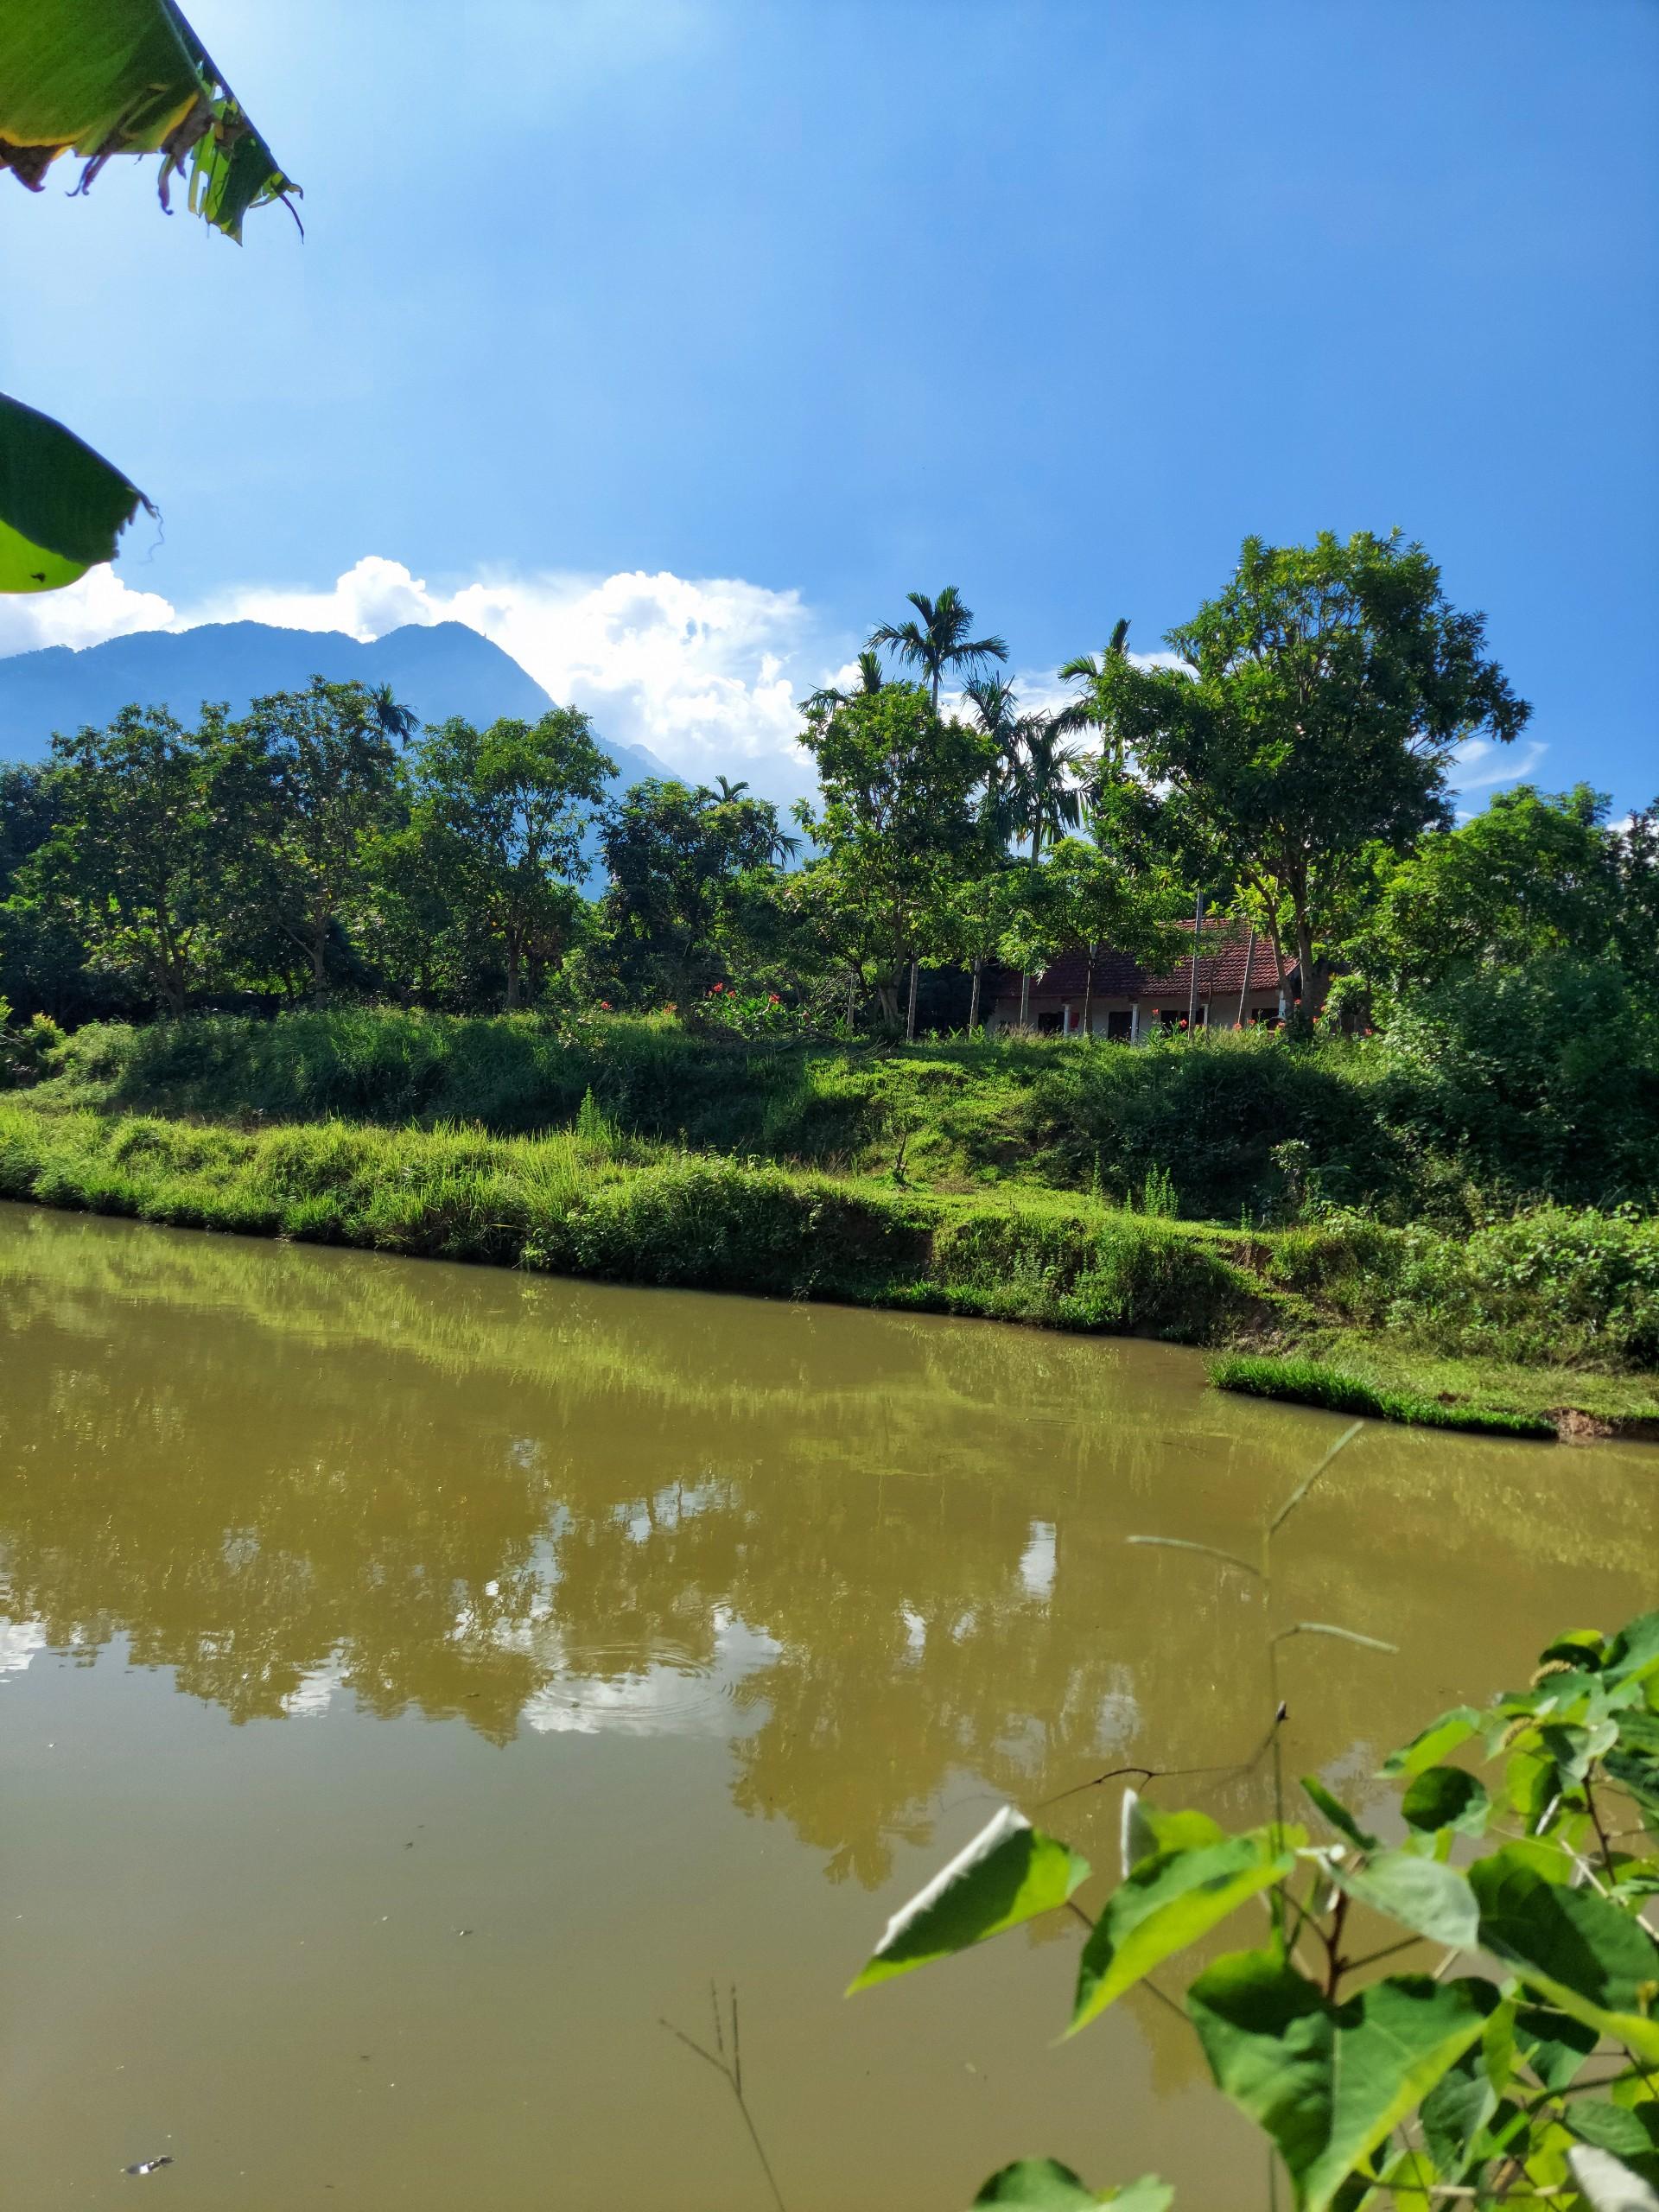 Cần bán Đất đường Tỉnh Lộ 87A, Xã Vân Hòa, Diện tích 4705m², Giá Thương lượng - LH: 0975263992